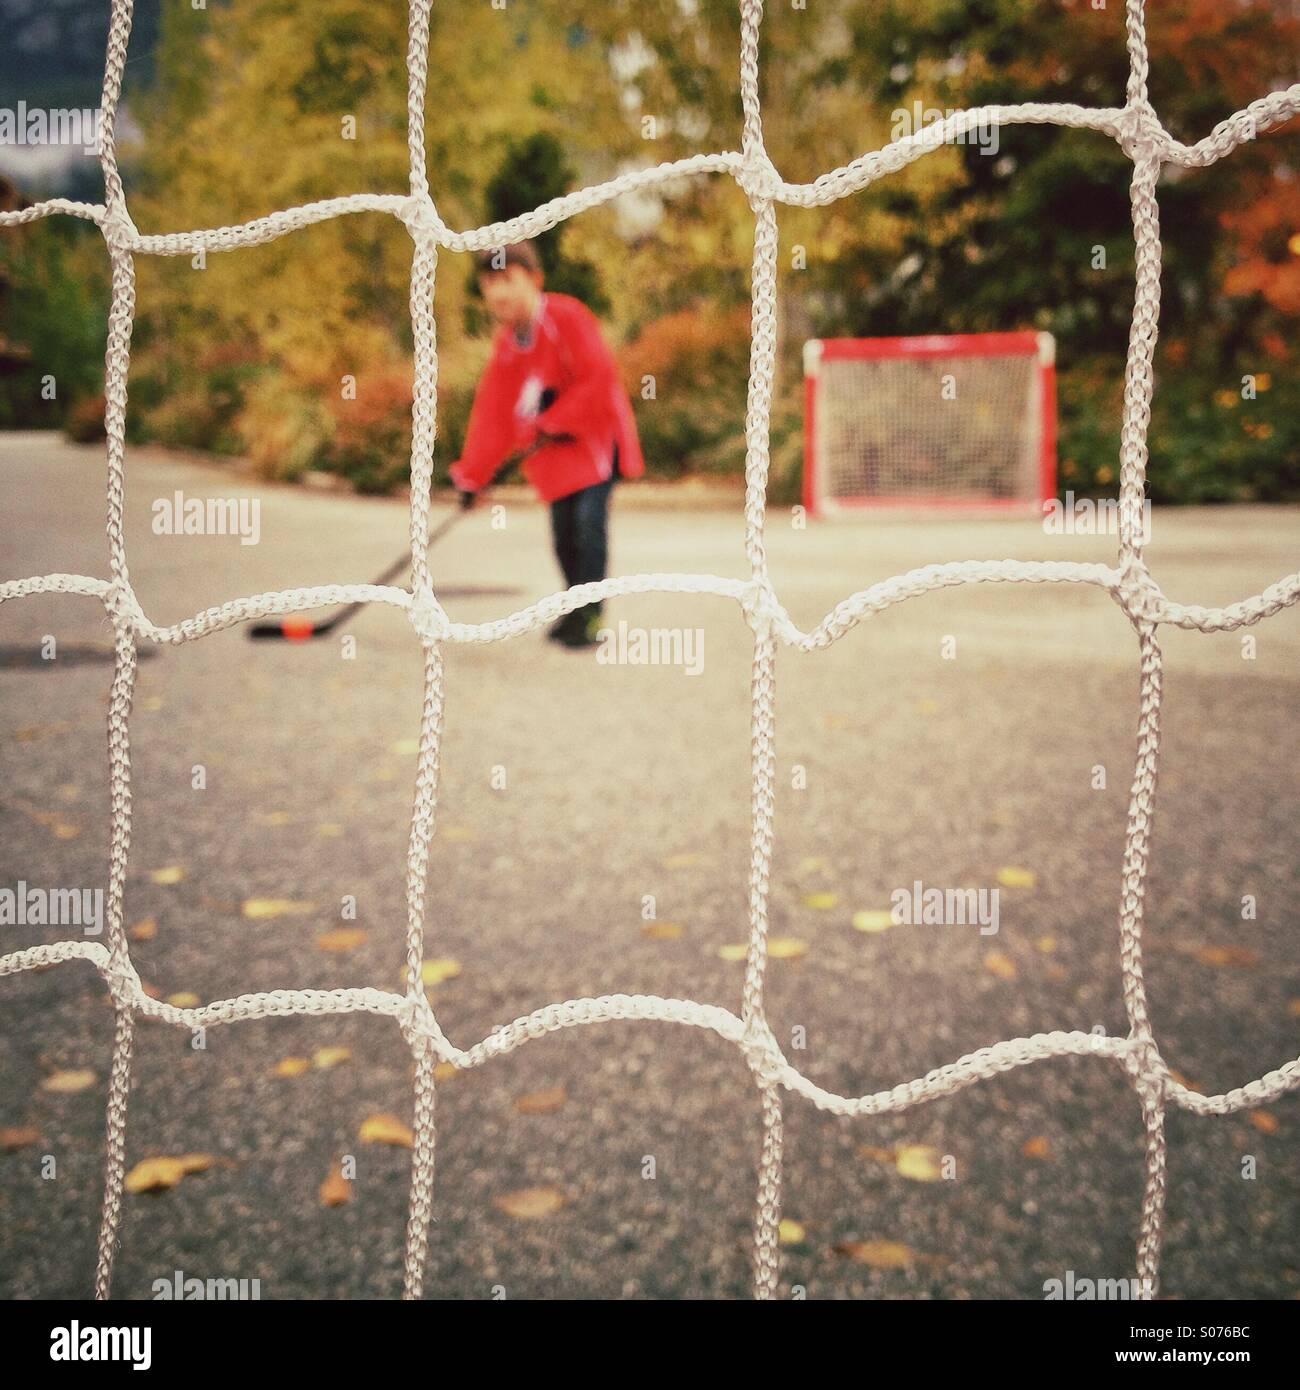 Joven jugar hockey sobre hielo Imagen De Stock